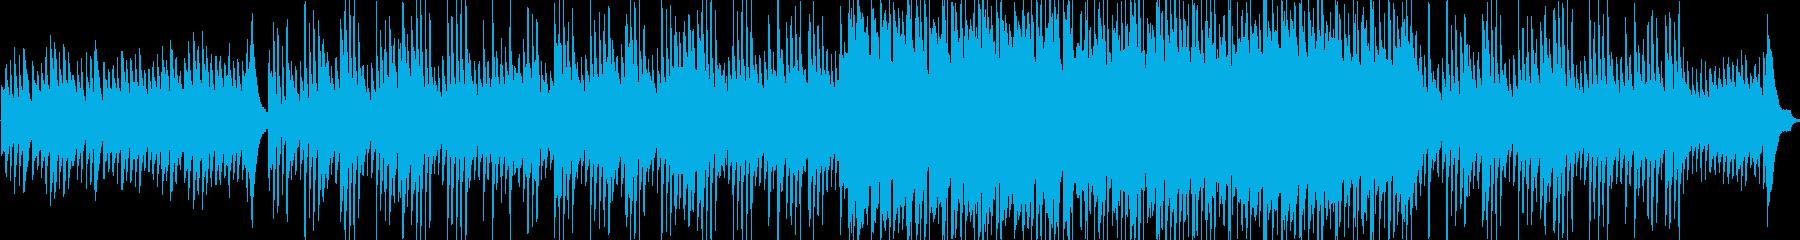 切ないピアノのバラード。2分45秒の再生済みの波形